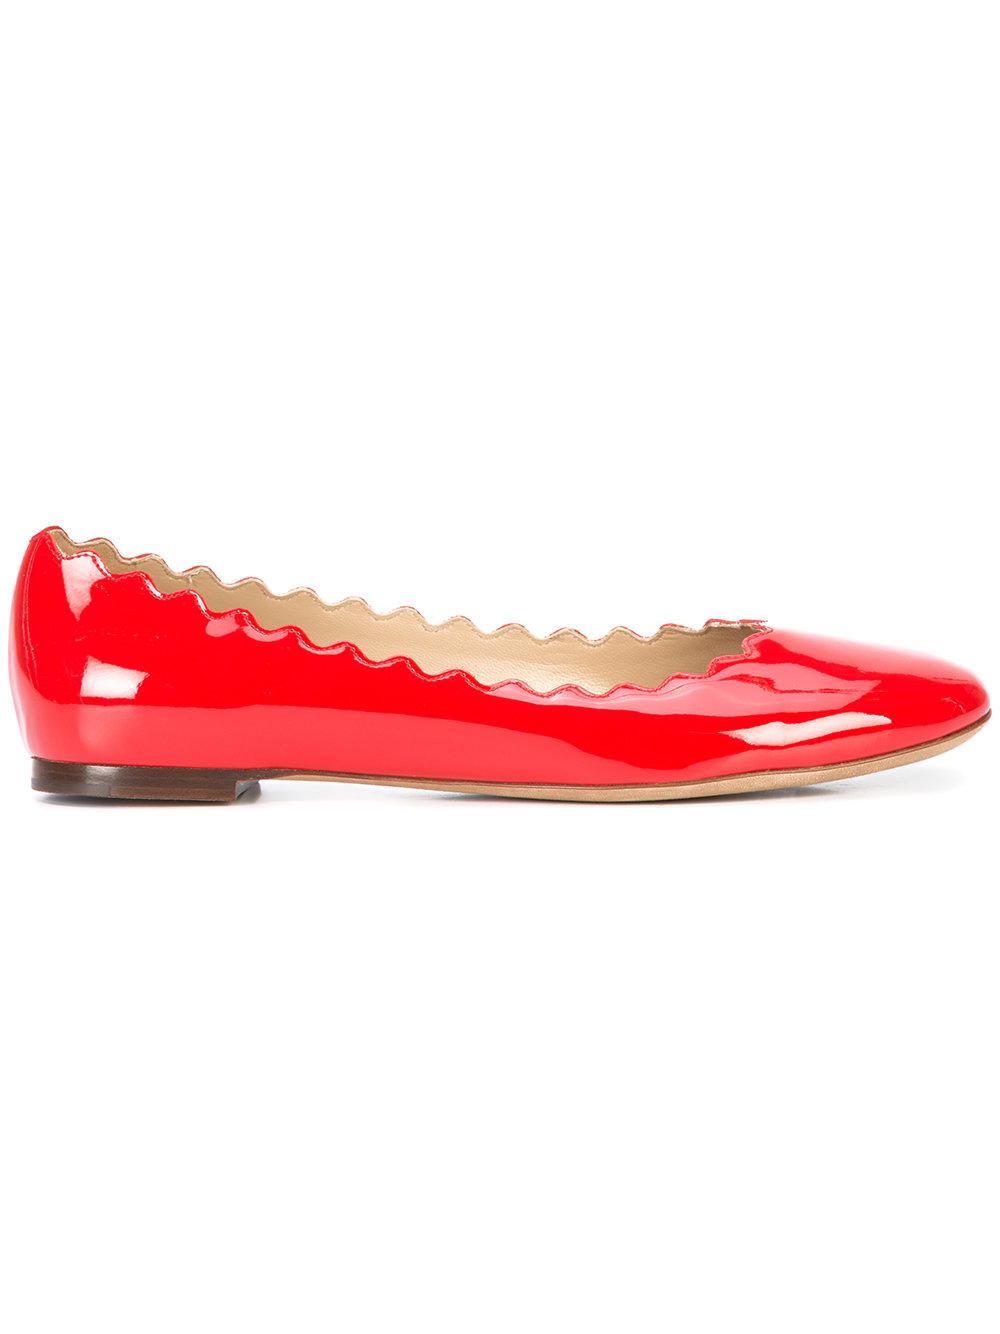 CHLOÉ ballerina shoes - $495